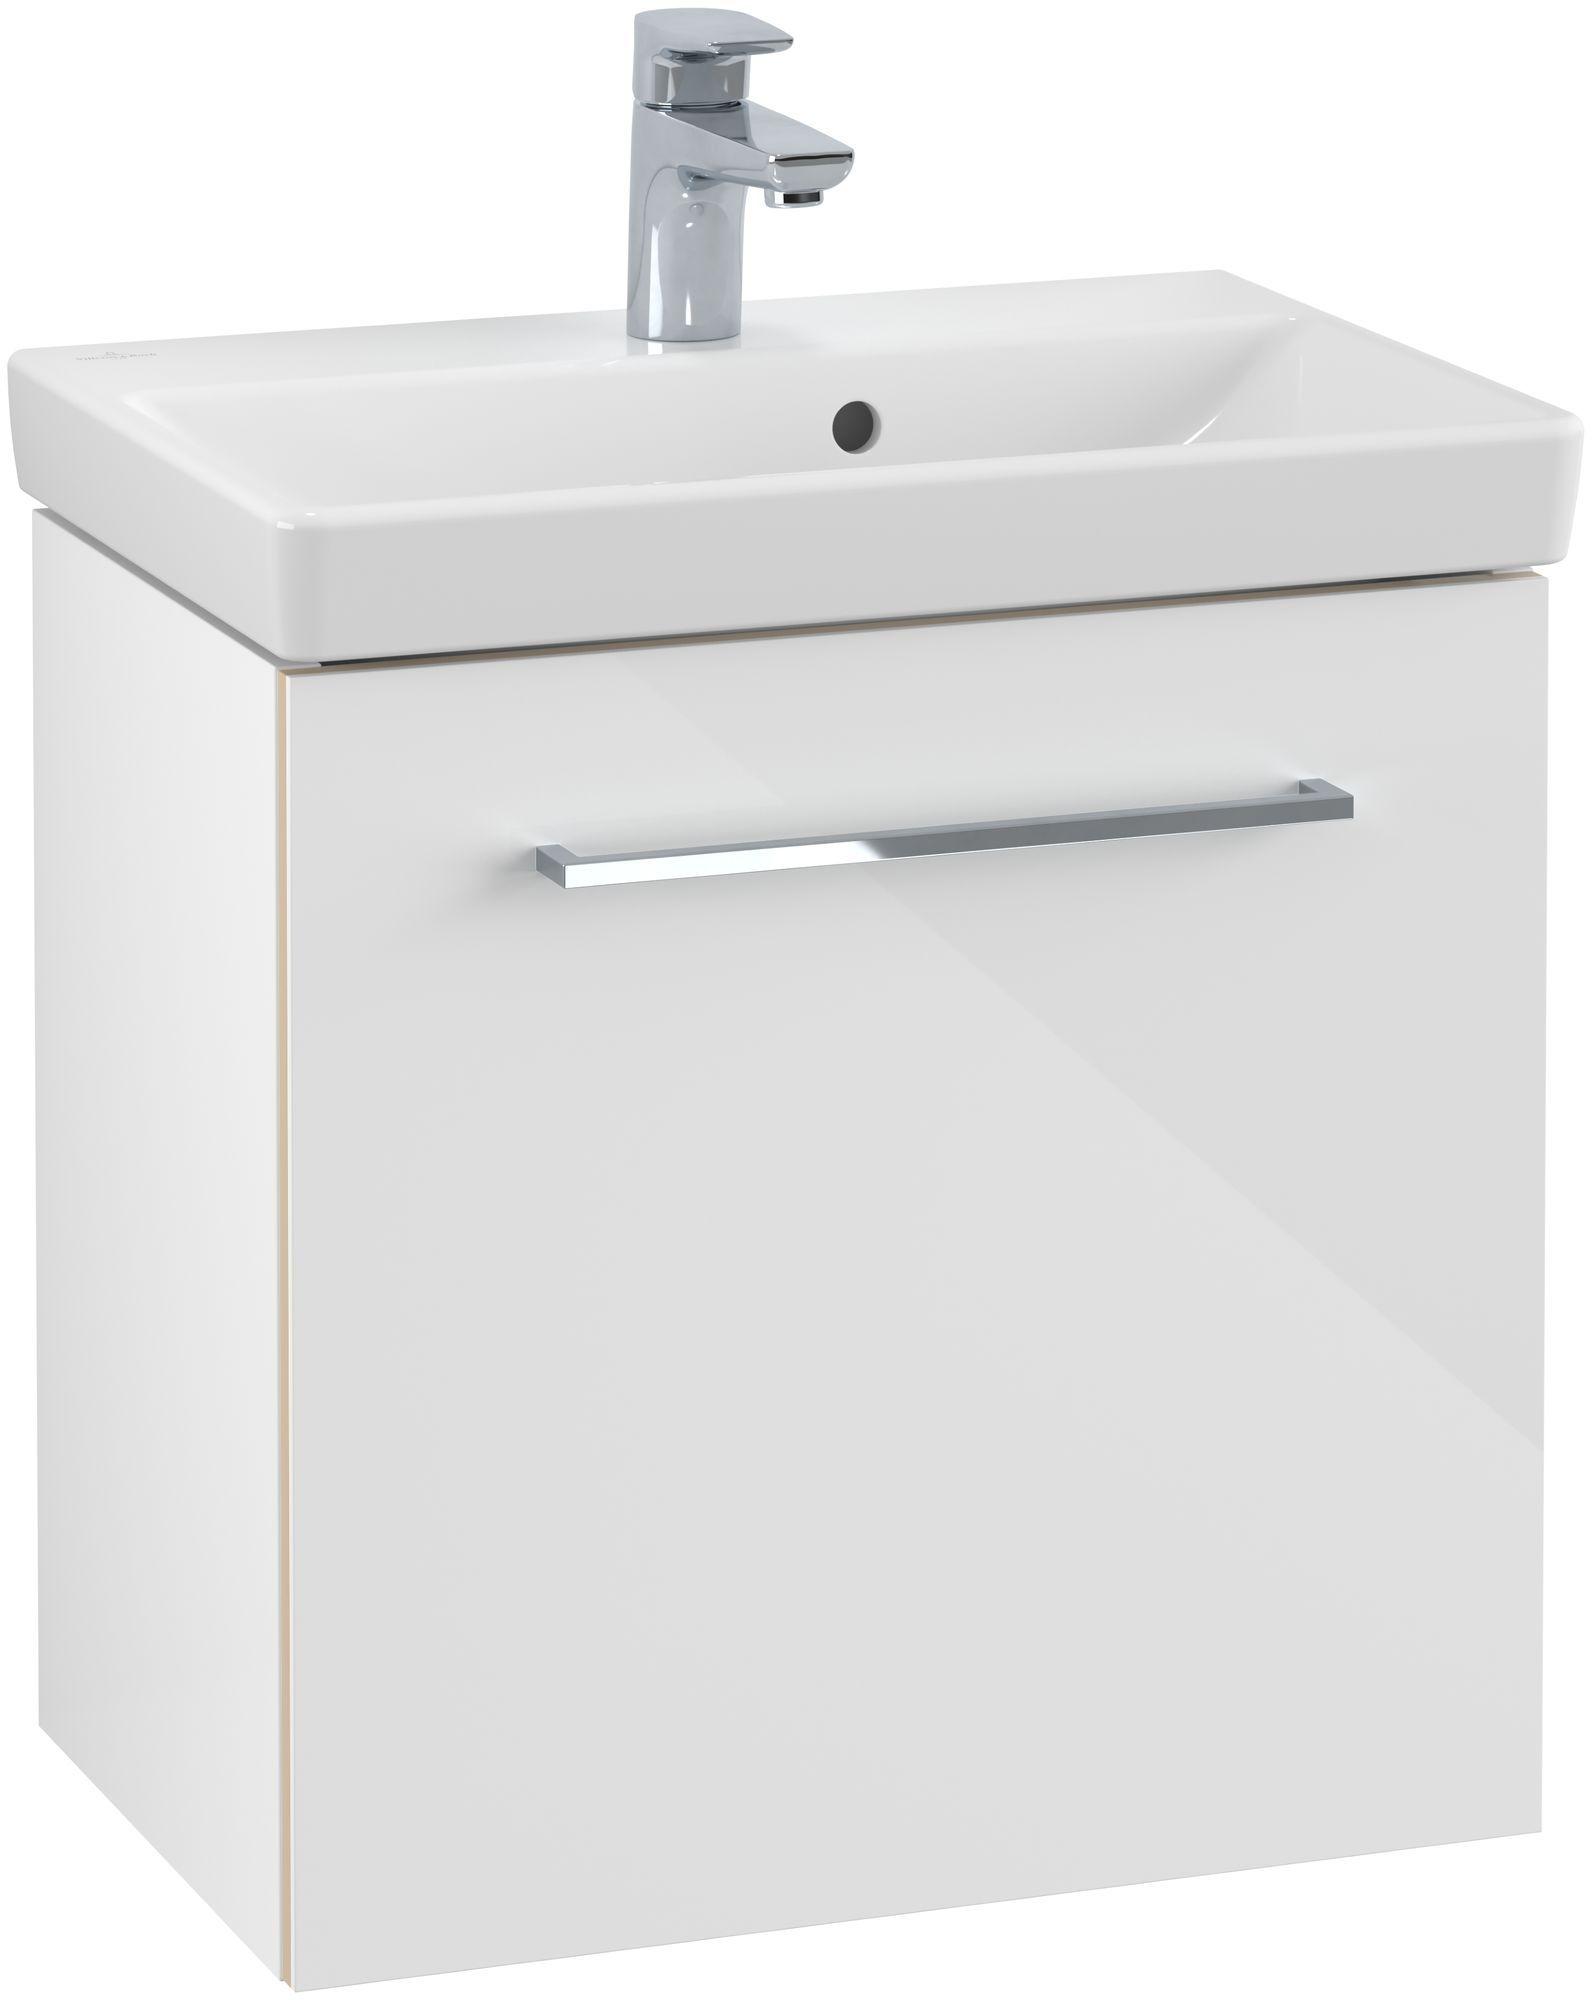 Villeroy & Boch Avento Waschtischunterschrank mit 1 Tür Türanschlag rechts B:51,2xH:52xT:34,8 cm crystal white A88801B4